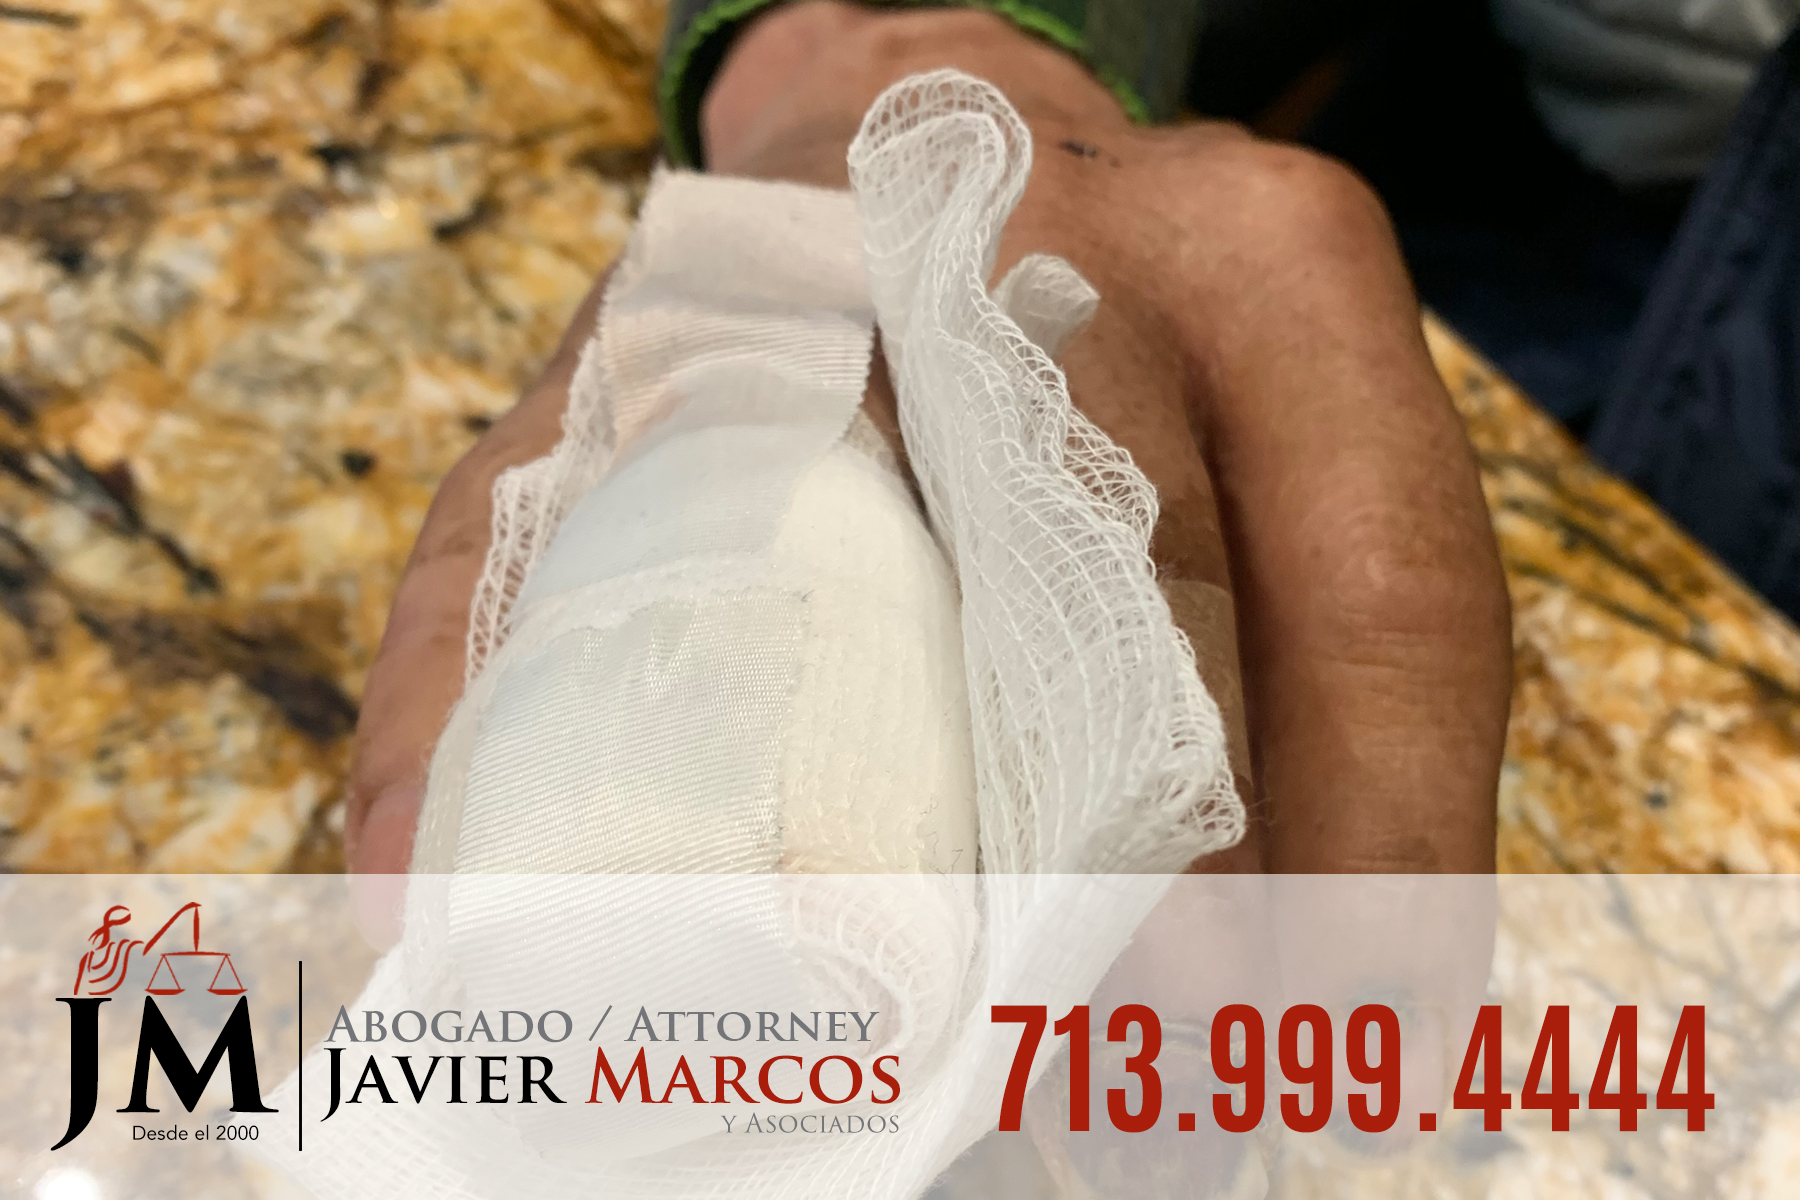 Dolor y sufrimiento en el trabajo | Abogado Javier Marcos | 713.999.4444